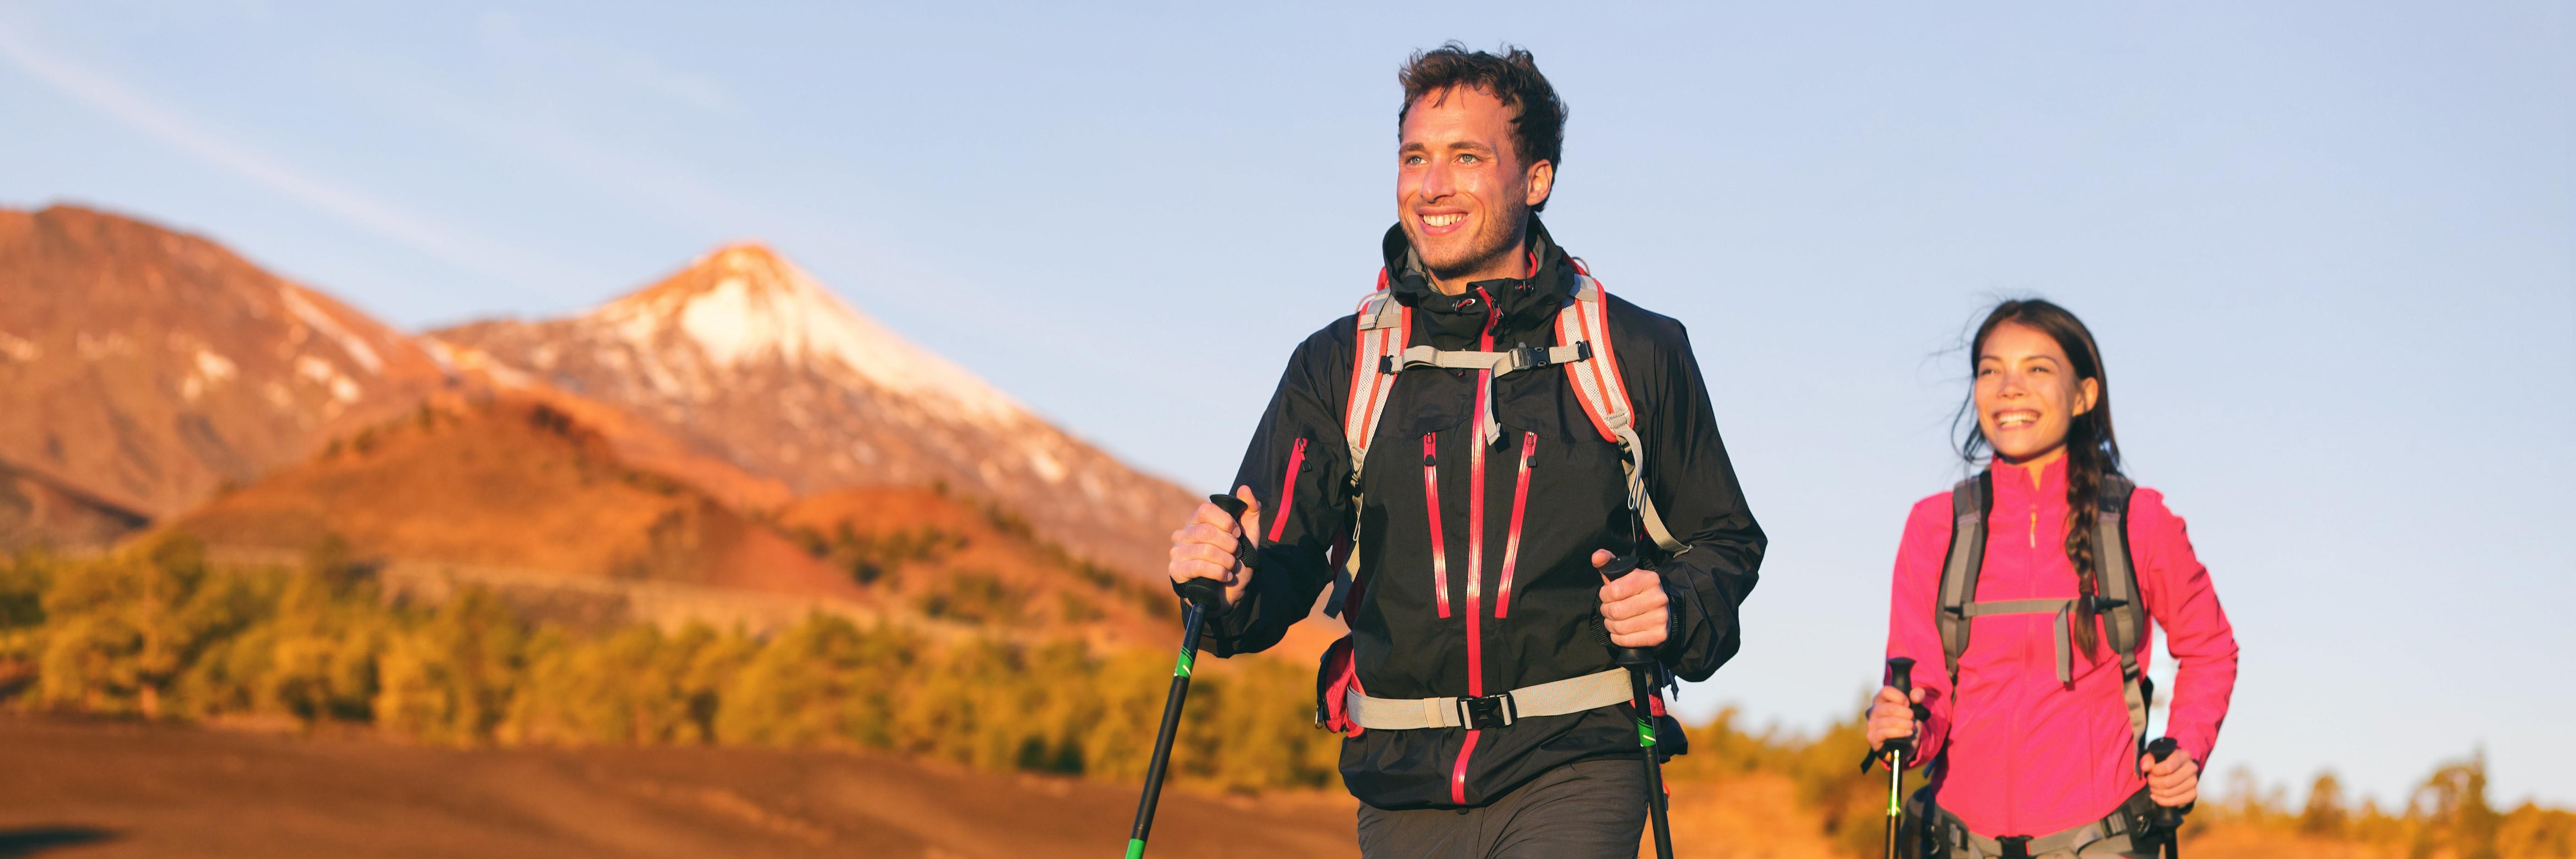 bigstock-Hiking-hikers-couple-trekking--229120057